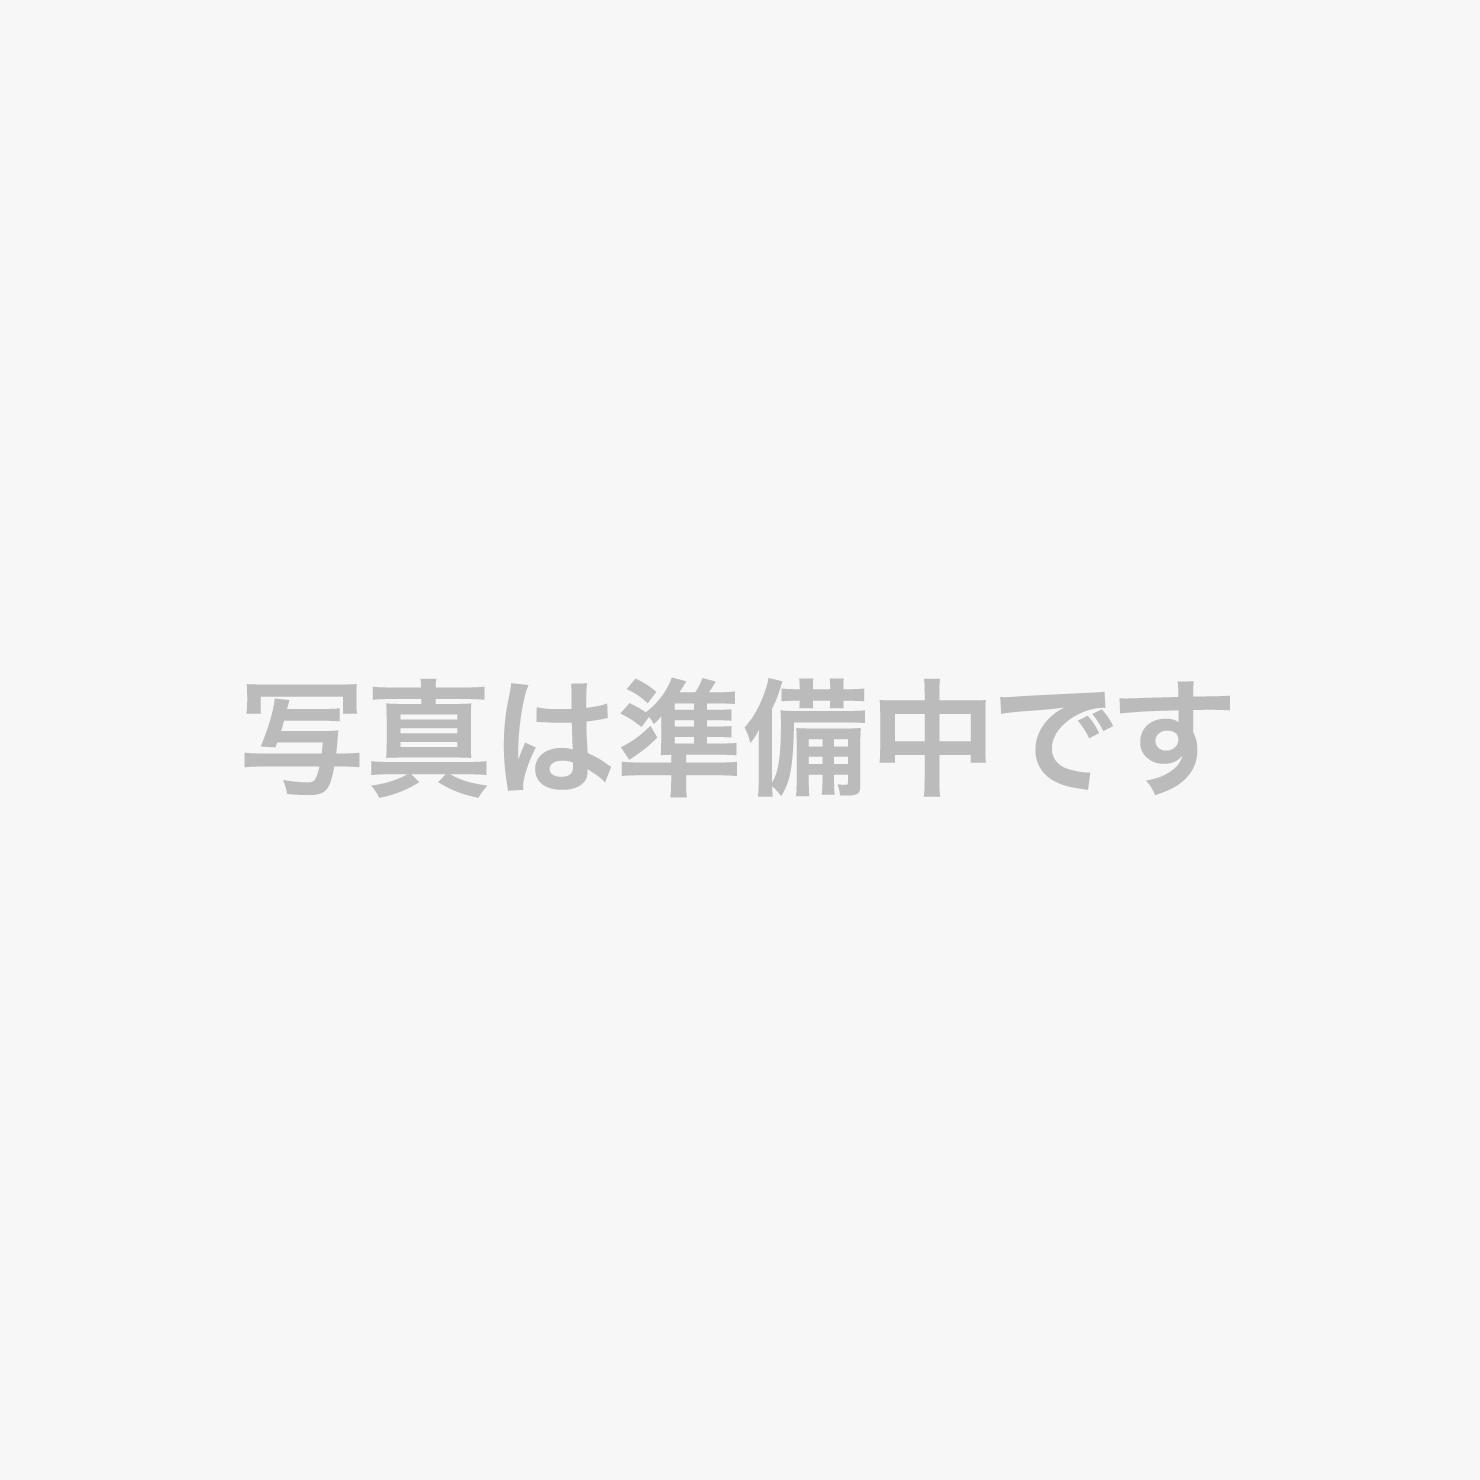 【暁の抄・和洋室】檜の客室露天風呂(沸かし湯)にてごゆっくりお寛ぎくださいませ。